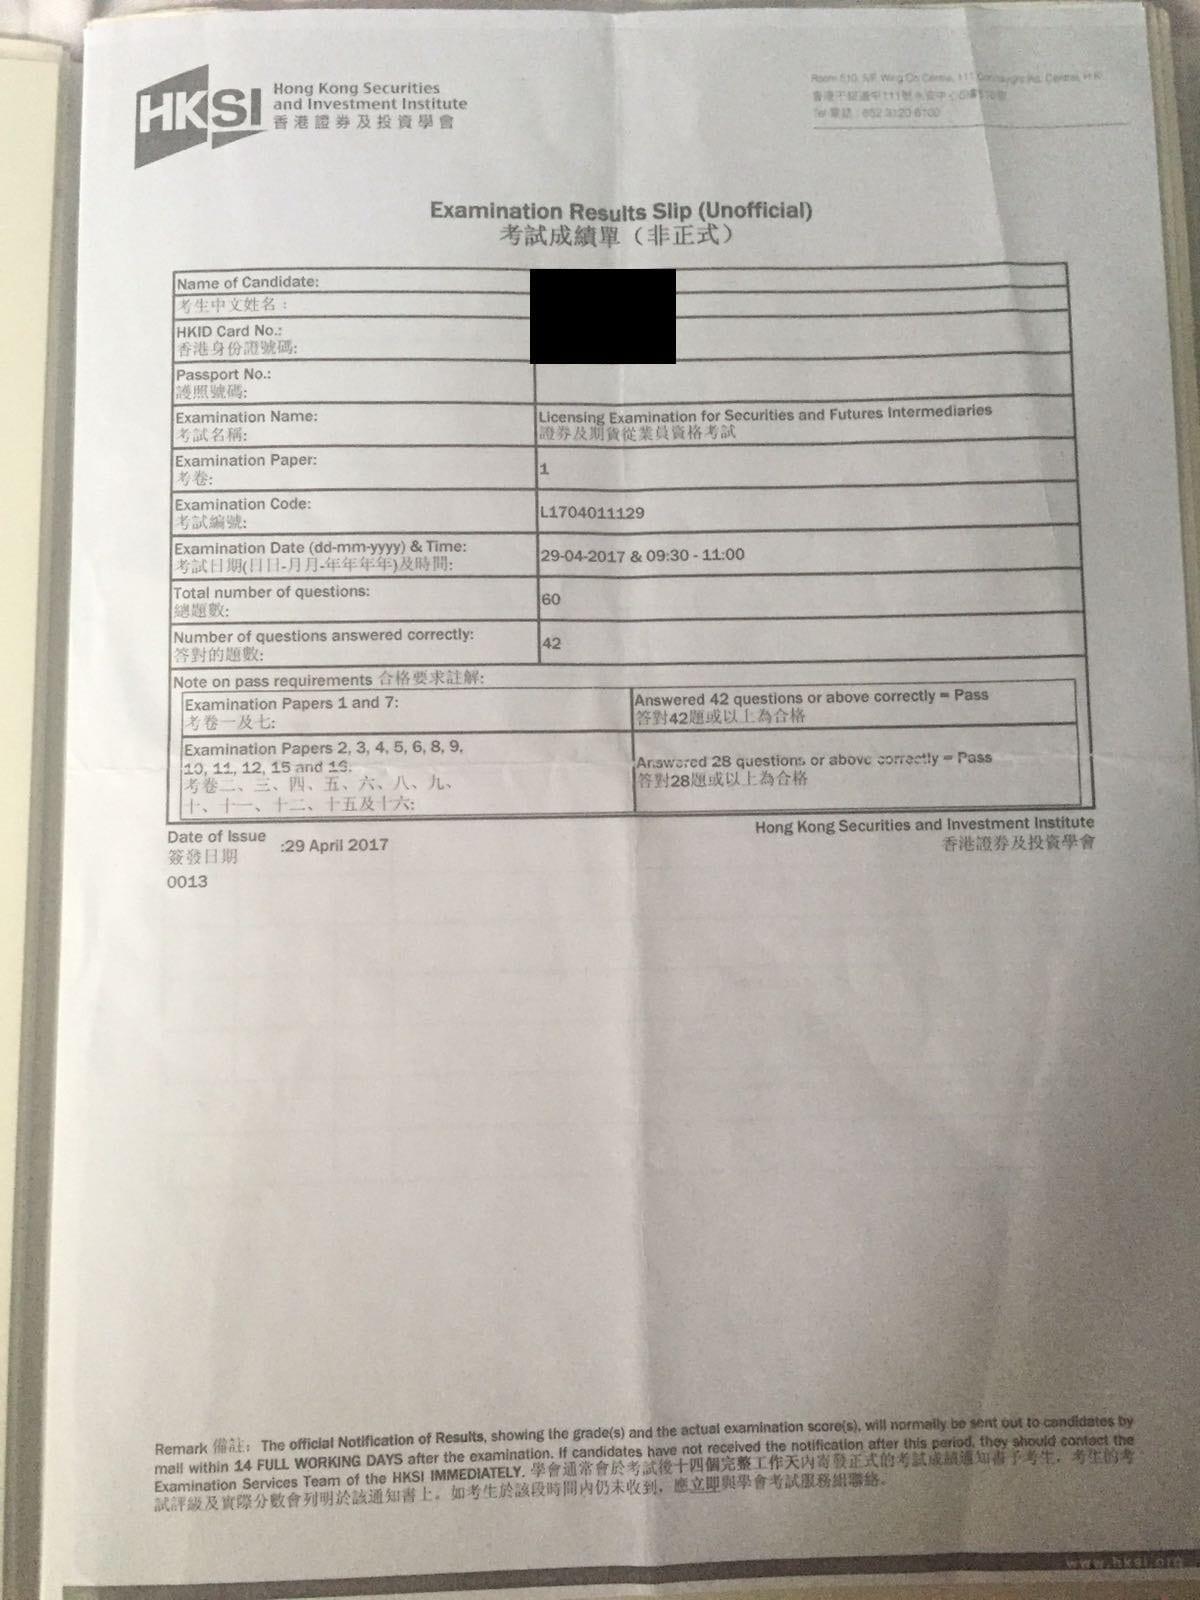 KWN 29/4/2017 LE Paper 1 證券期貨從業員資格考試卷一